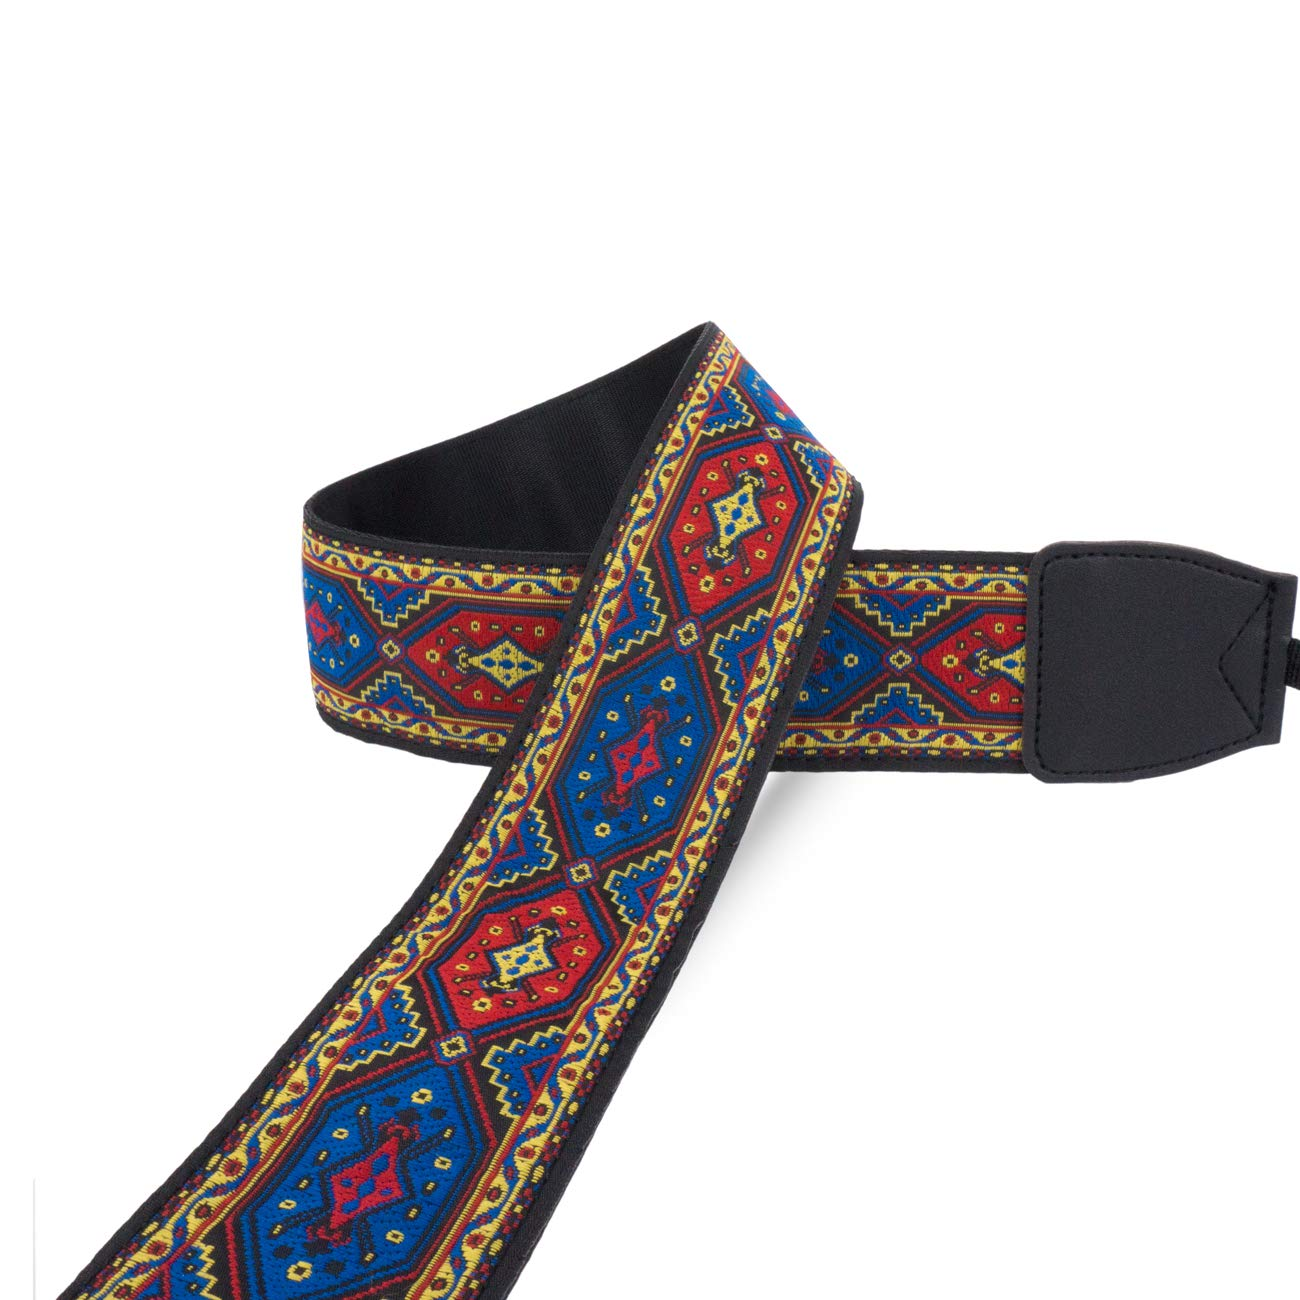 Wolven Vintage Jacquard Weave Camera Neck Shoulder Strap Belt Compatible for All DSLR//SLR//Digital Camera //Instant Camera//Polaroid etc DC Blue Classic Floral